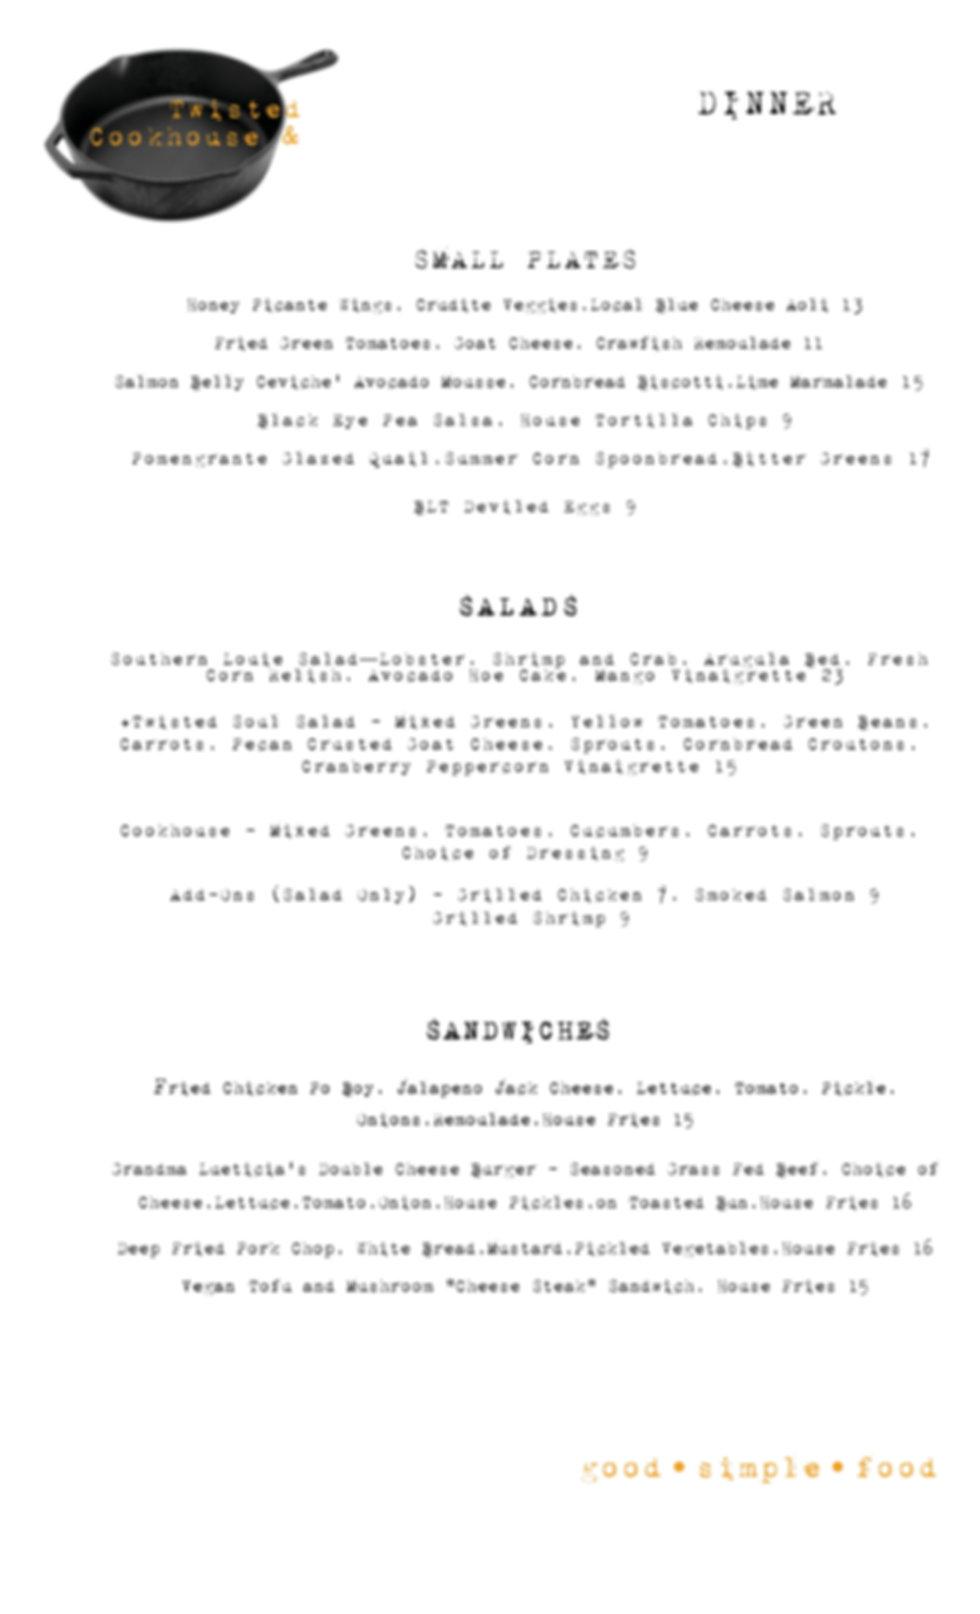 2020 Dinner Menu 06  19 -1.jpg